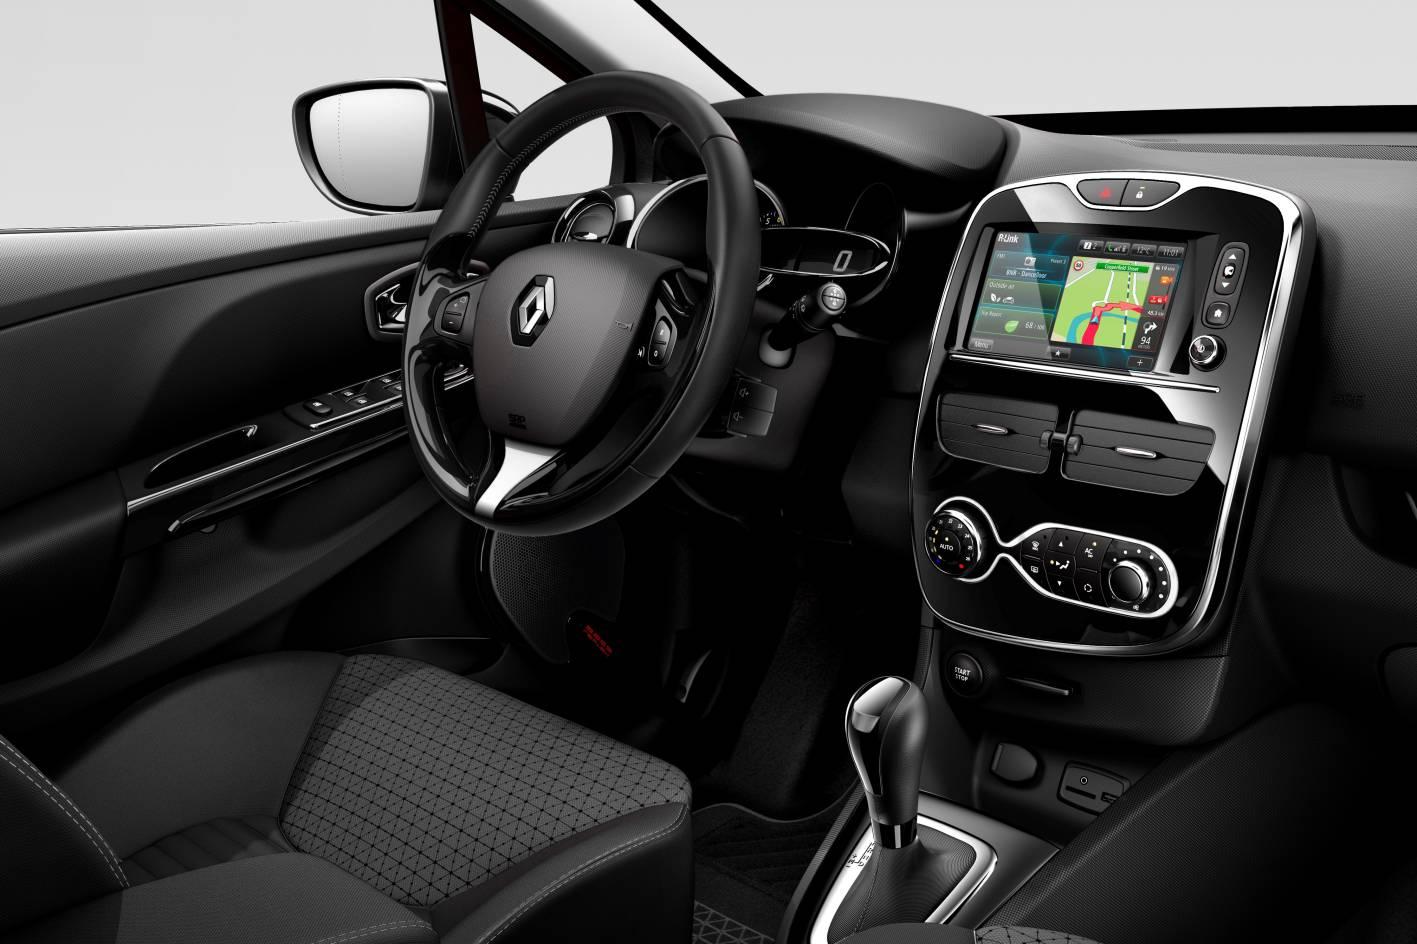 2012-Renault-Clio-4-Interior-7.jpg